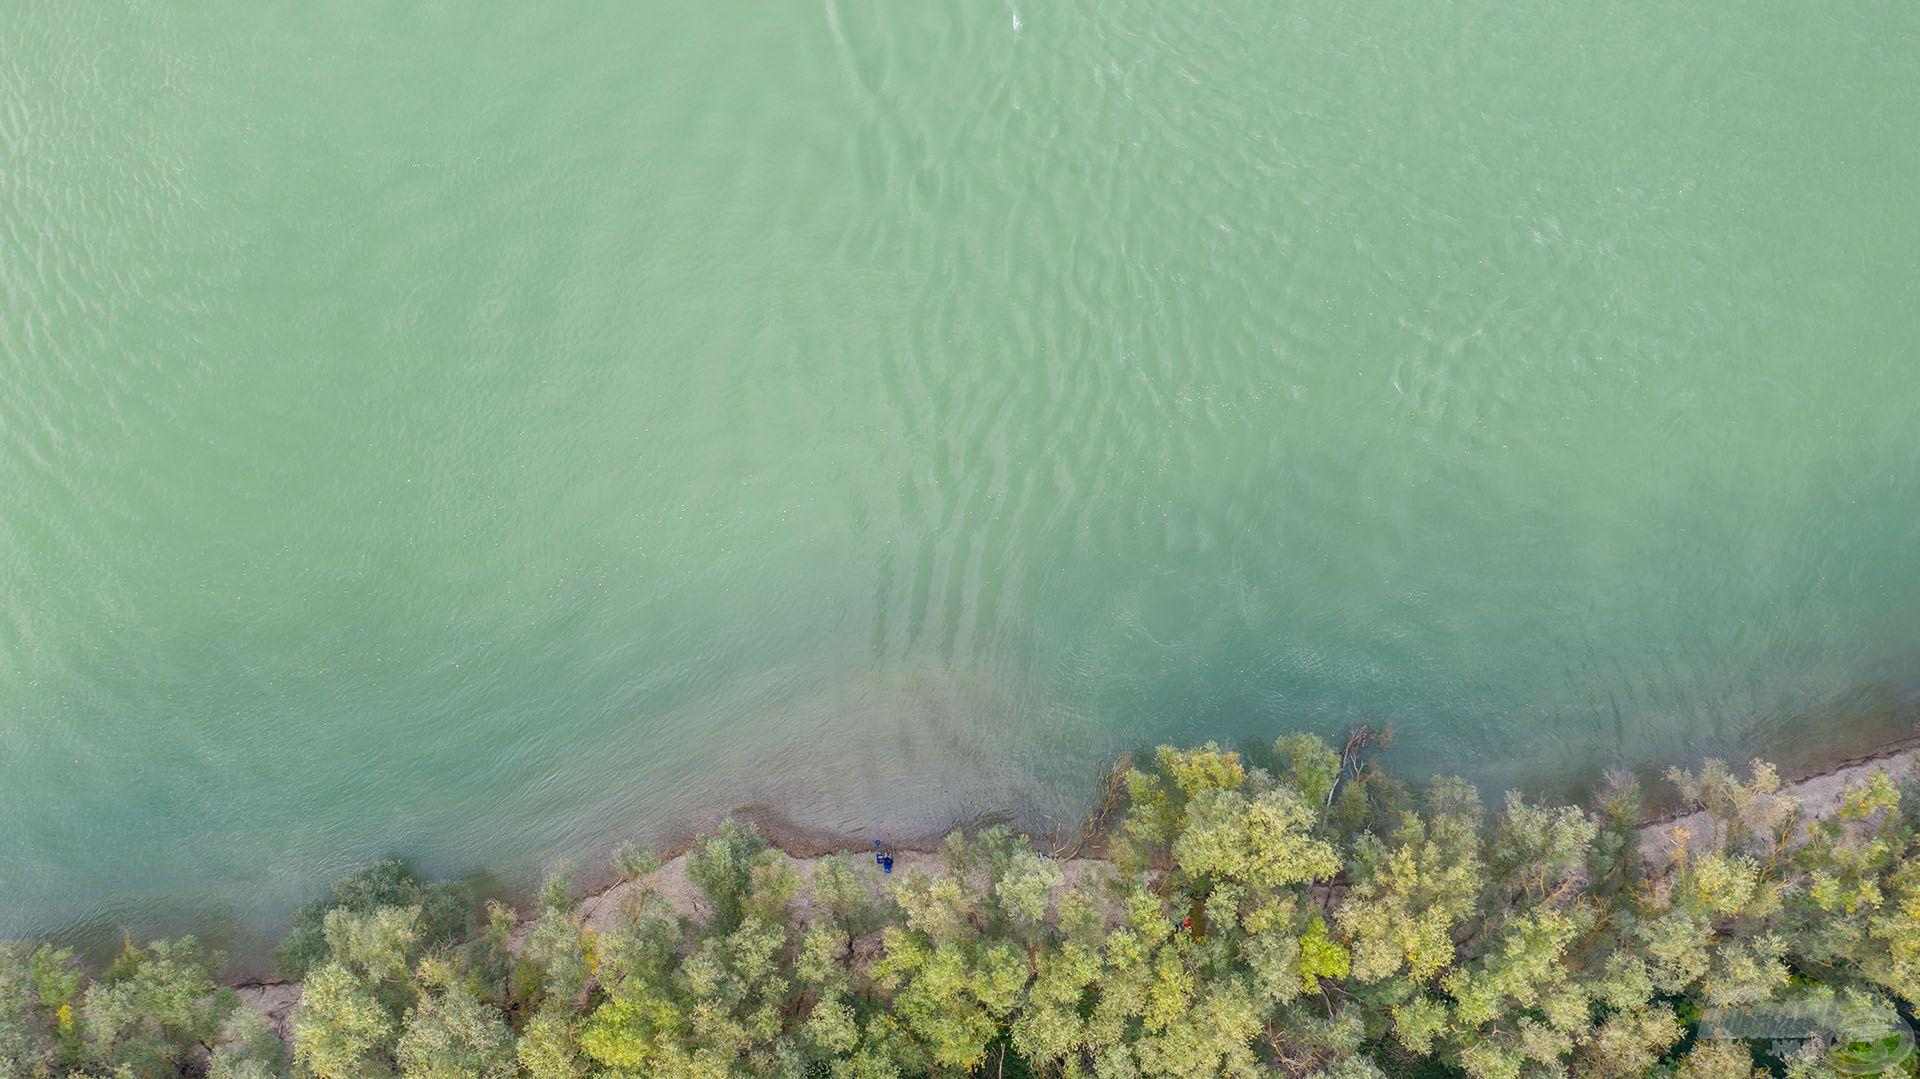 A horgászhelyem lassan, fokozatosan mélyül, így szükséges a viszonylag távoli (40 méter) horgászat